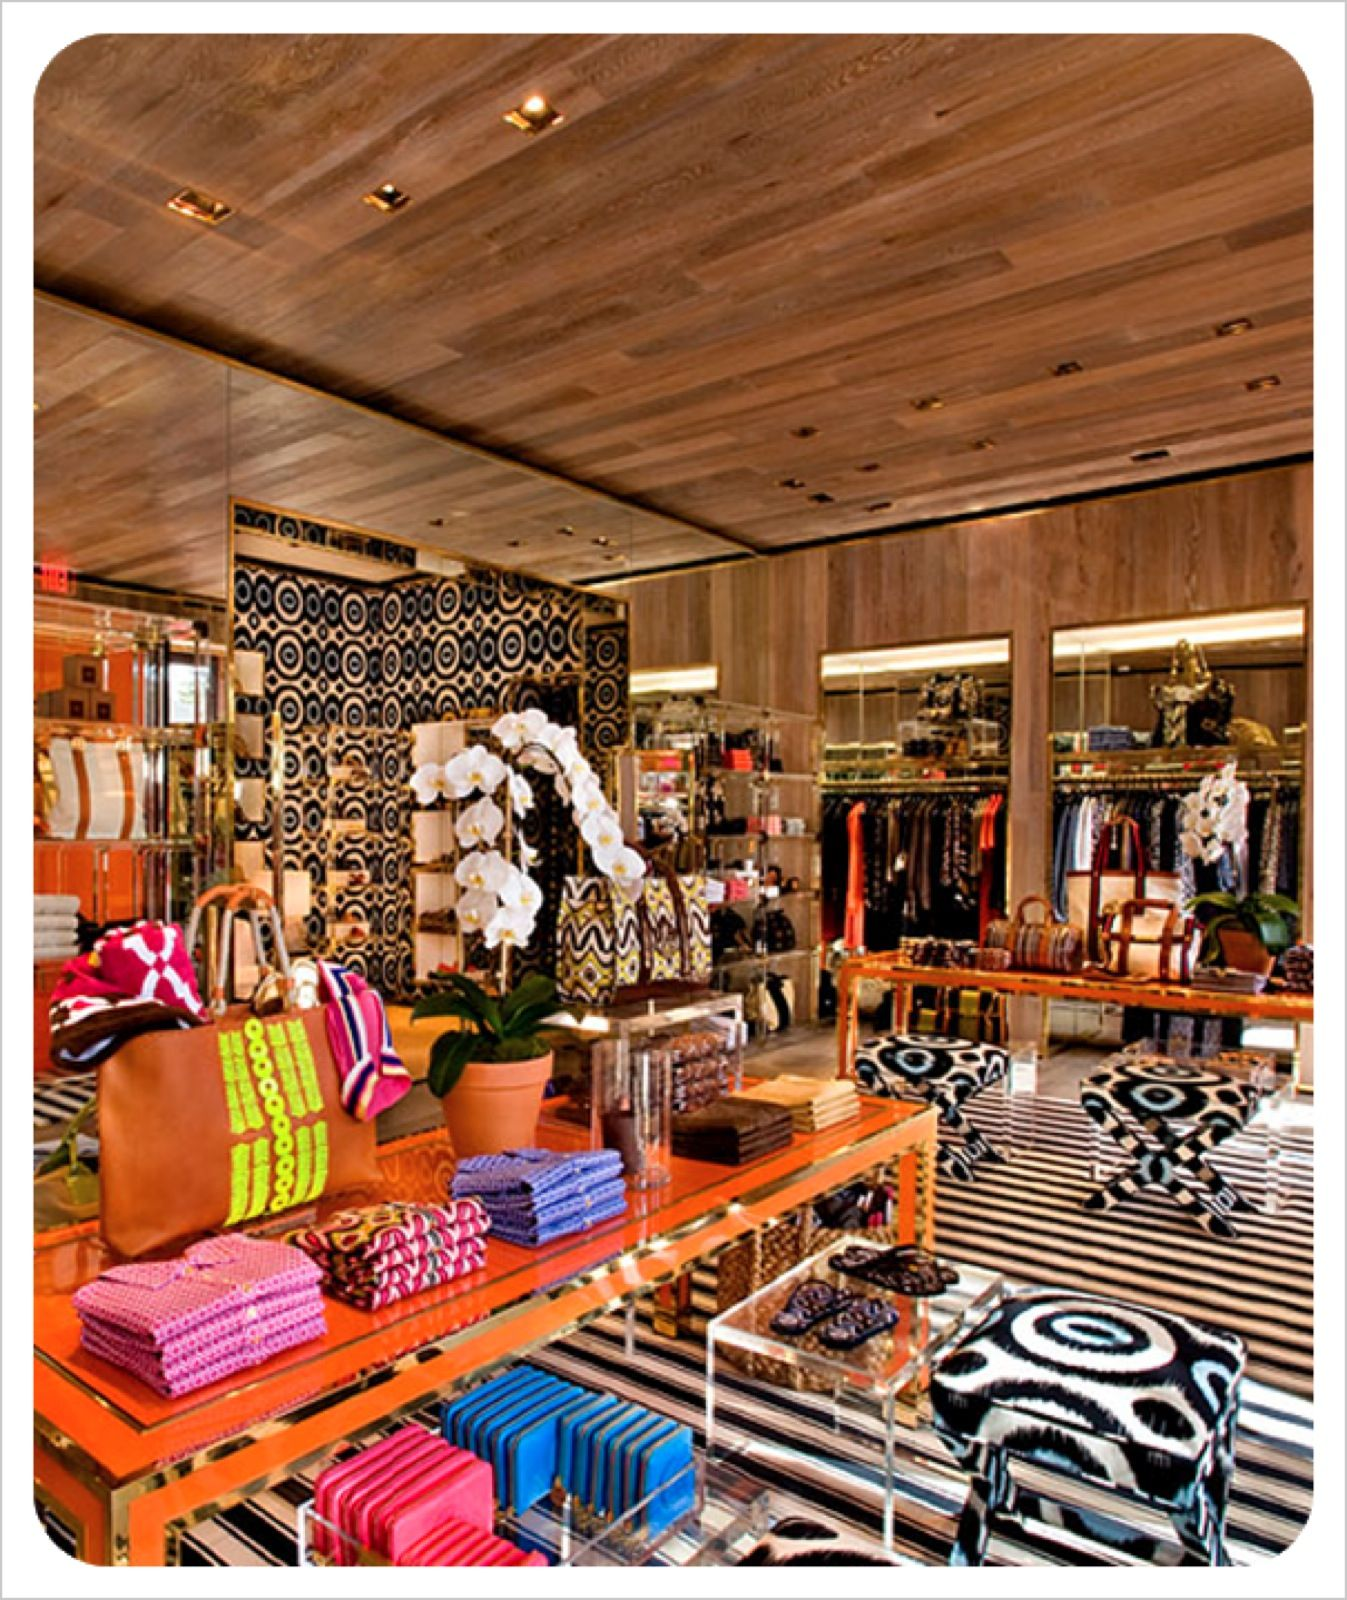 Tory burch boutique retail pinterest decoraci n de vitrina vitrinas y espacios - Decoracion de vitrinas ...